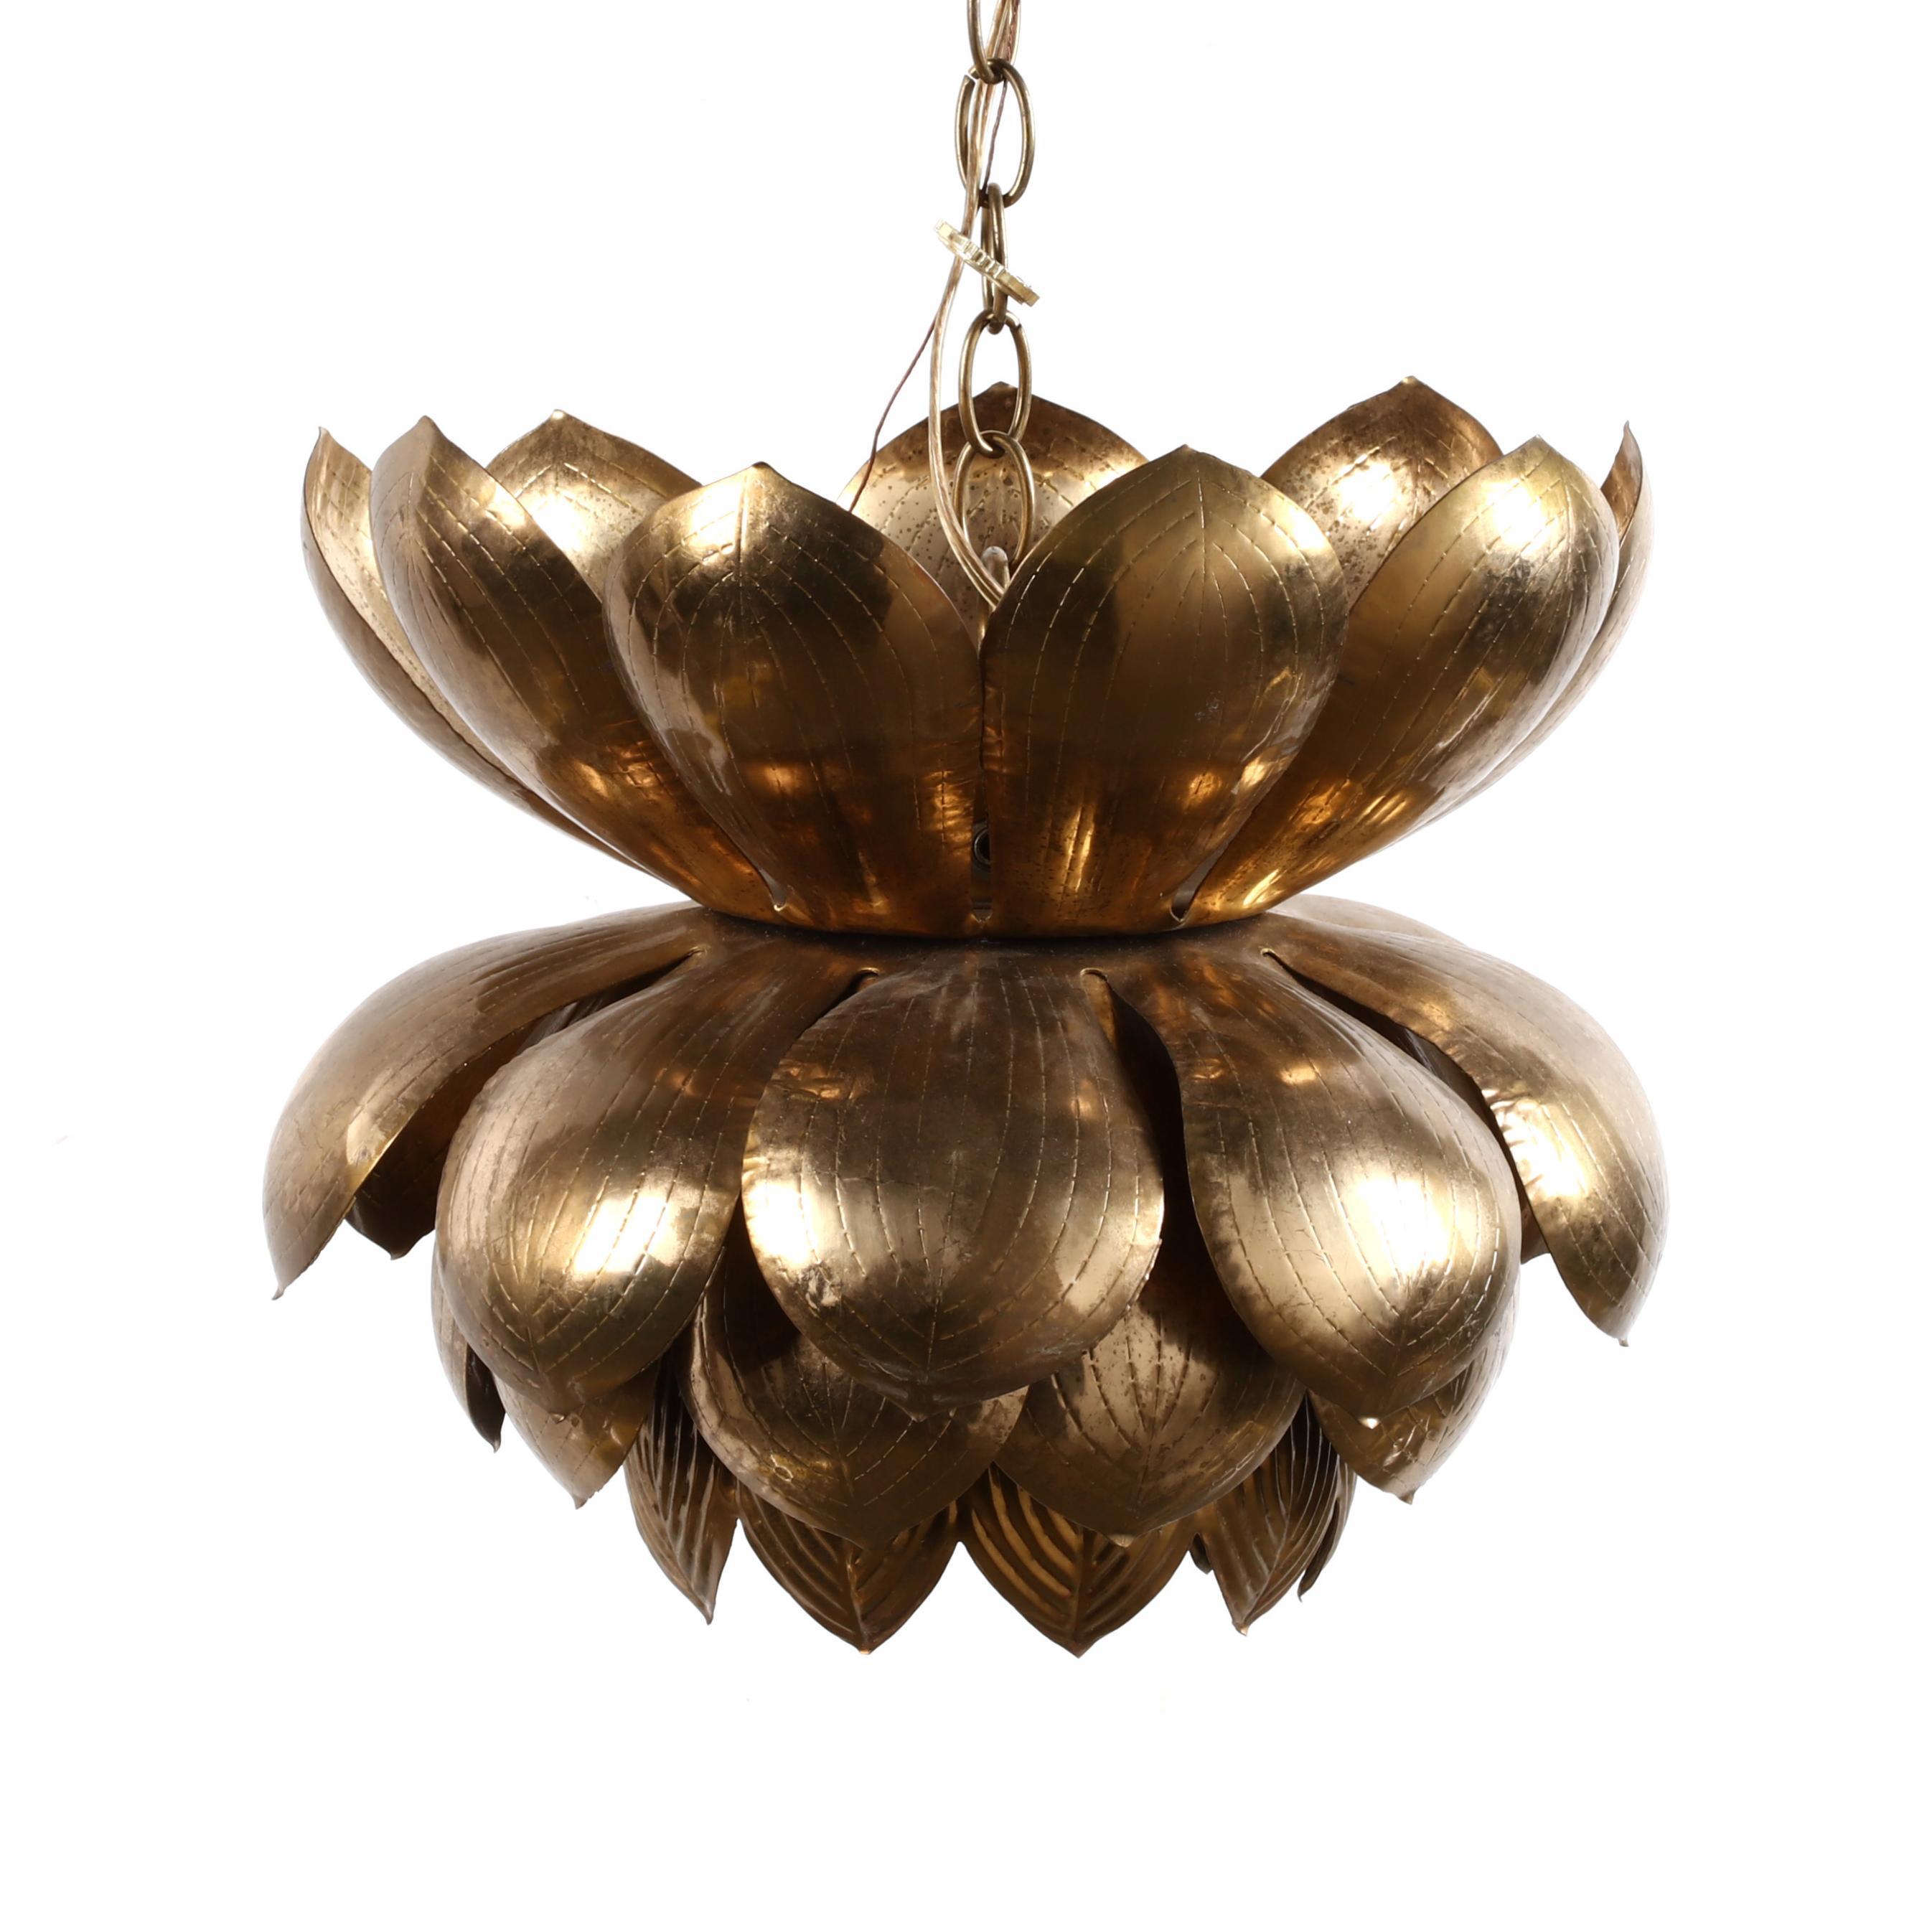 att-feldman-vintage-brass-lotus-hanging-light